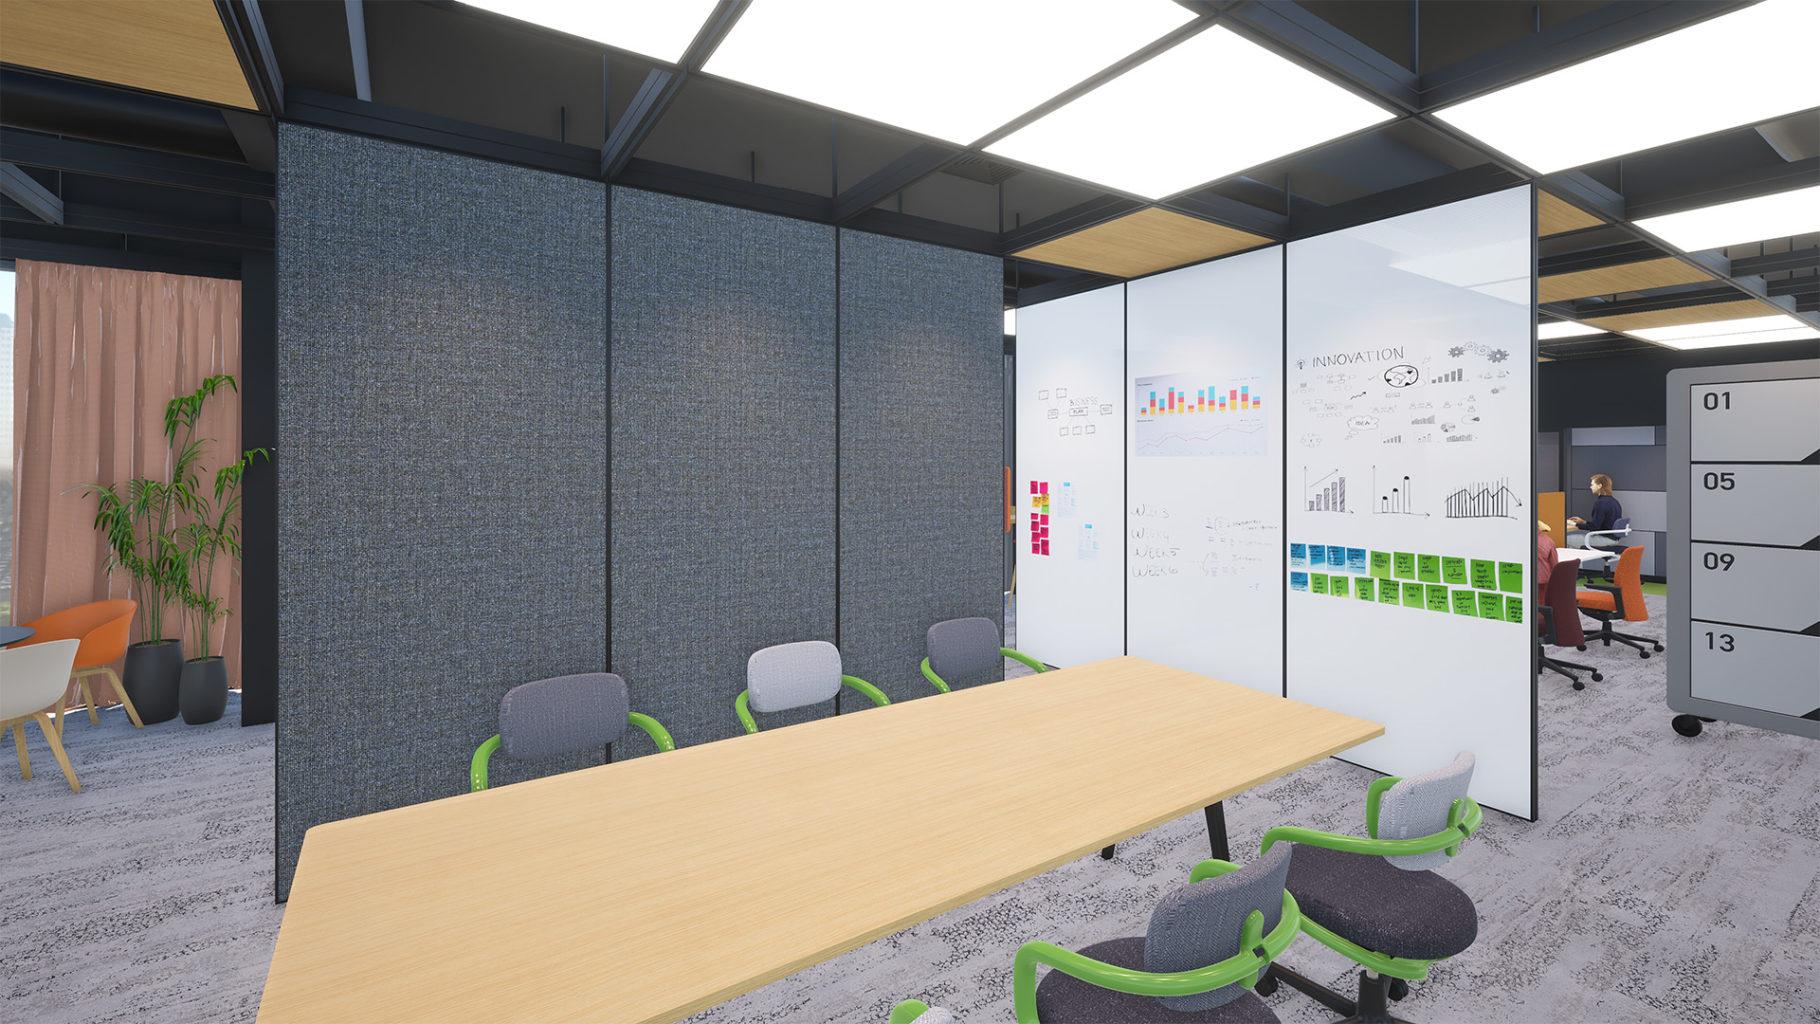 オフィス内のグリッド状にレイアウトされた移動間仕切りレールの使用事例・イメージ